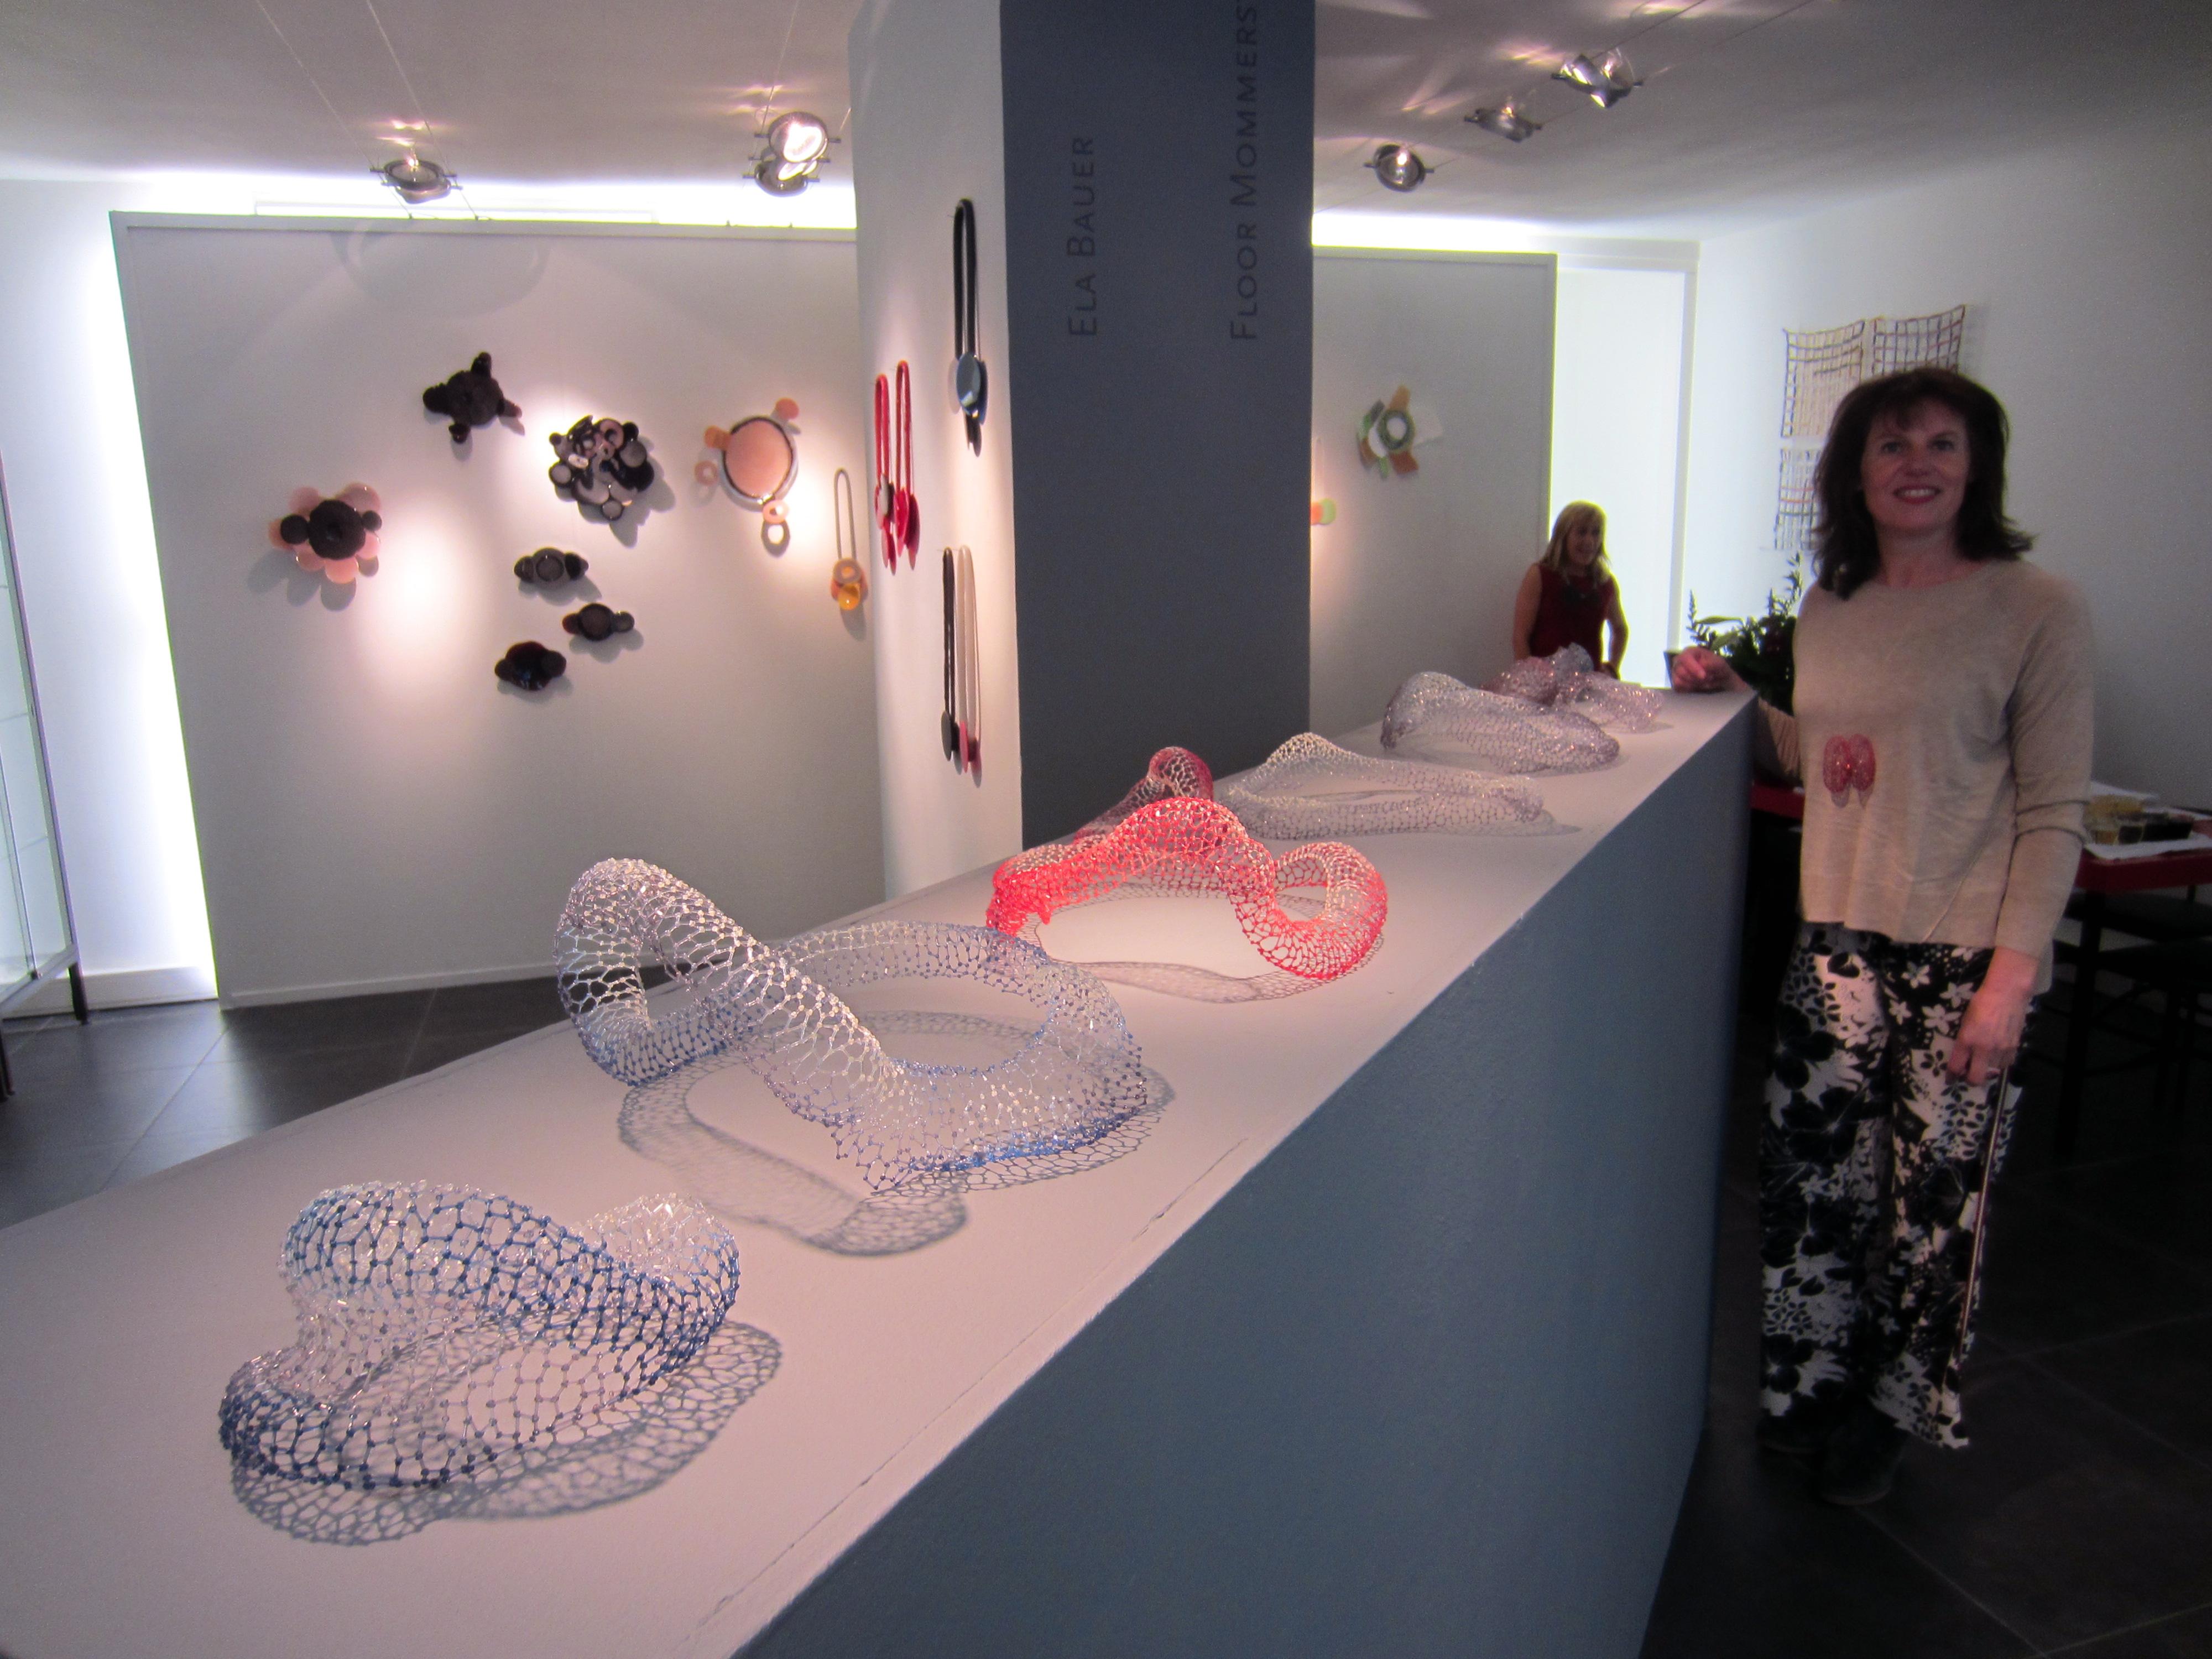 Floor Mommersteeg in Galerie Ra, 2016, portret, tentoonstelling, Ela Bauer, objecten, halssieraden